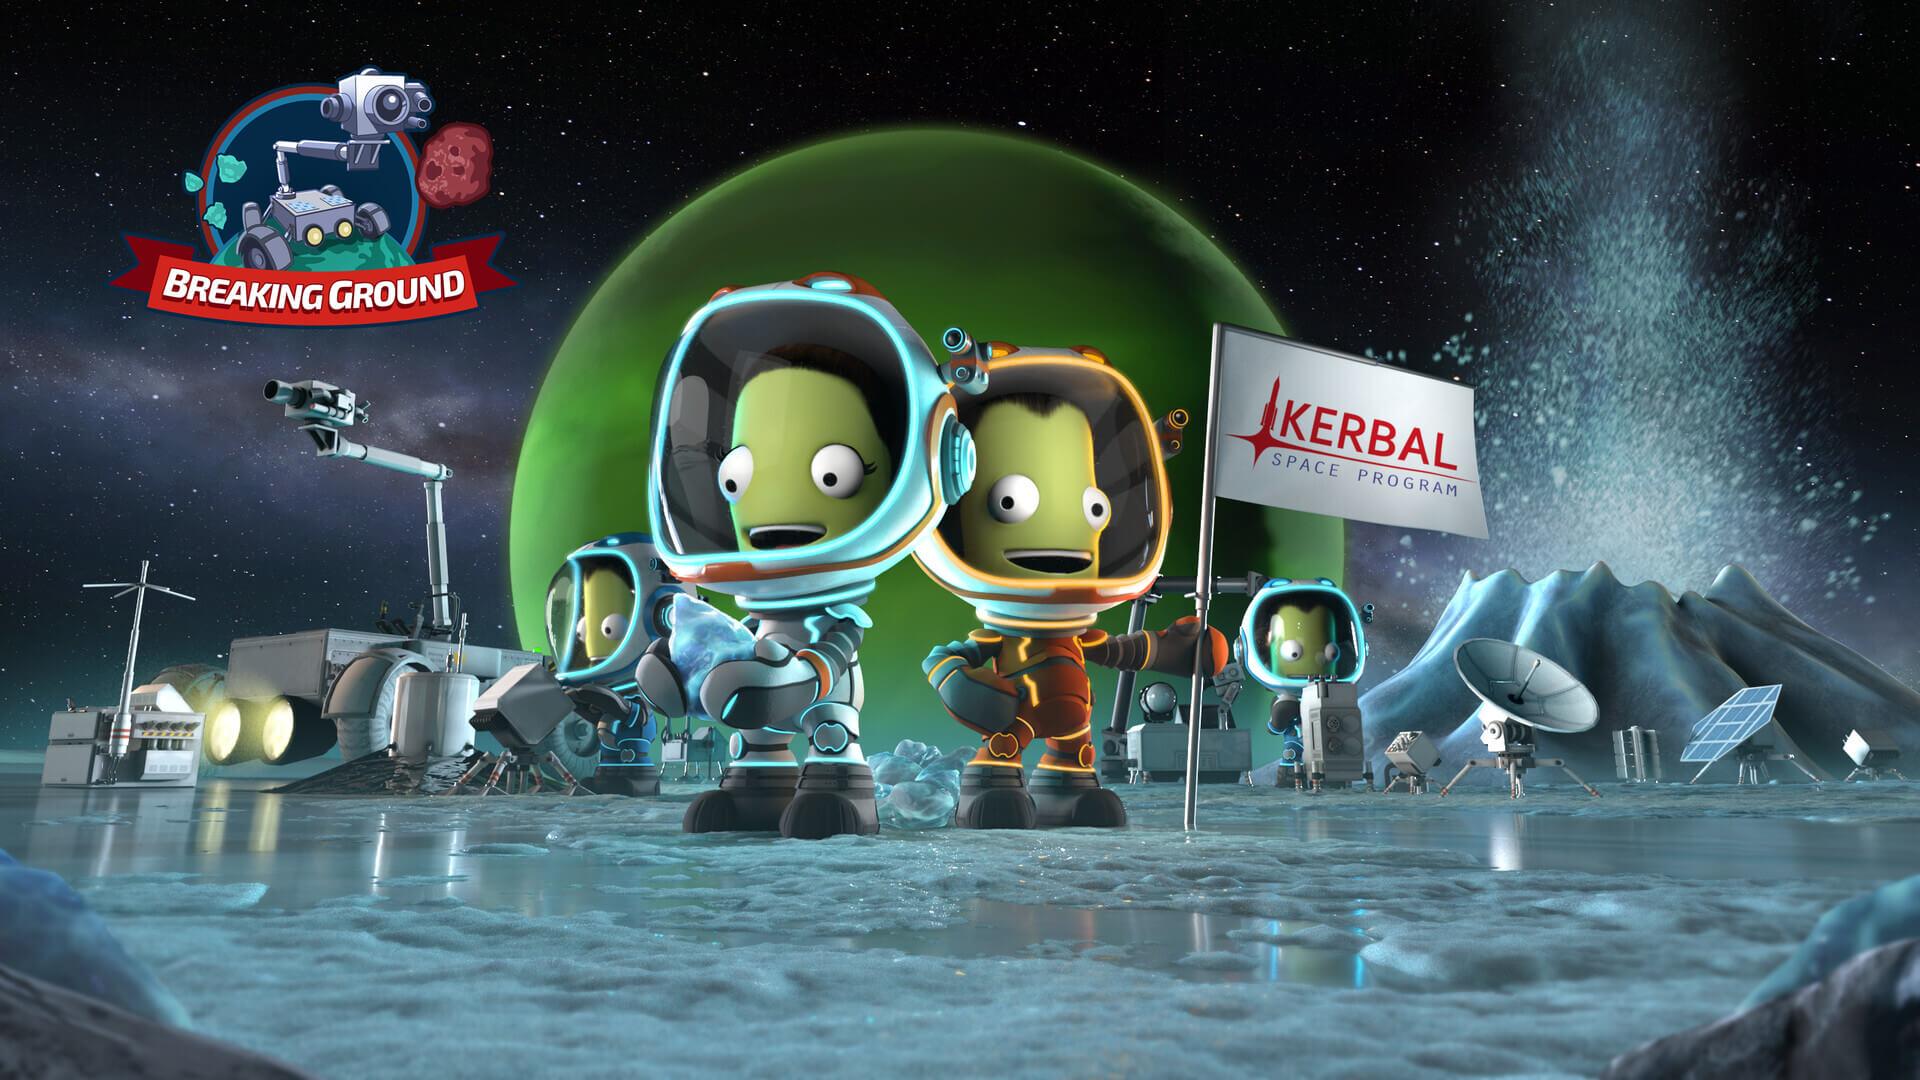 Kerbal Space Program dejará de recibir nuevo contenido tras 10 años